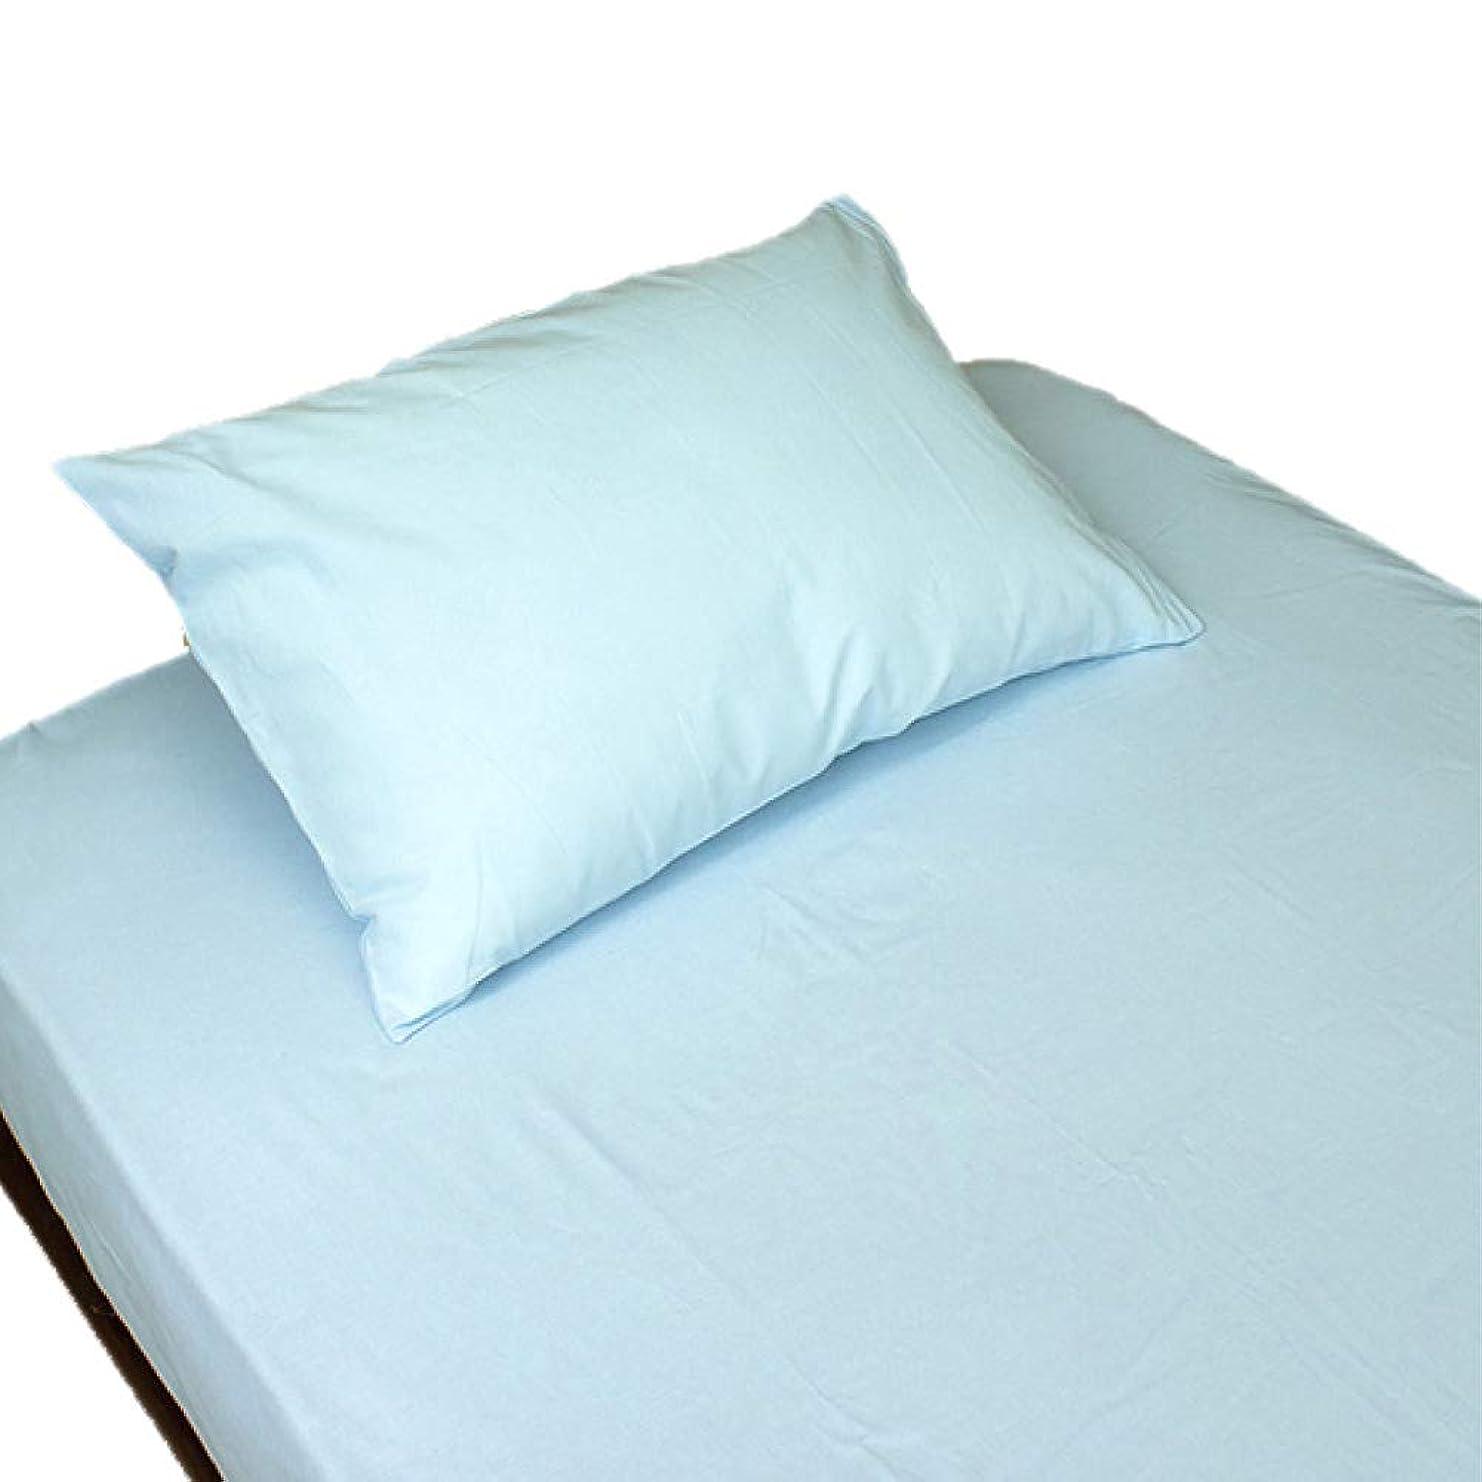 続編子供達モディッシュ10750 ブルー まくらカバー 枕カバー 43x63cm 国産 日本製 綿100%